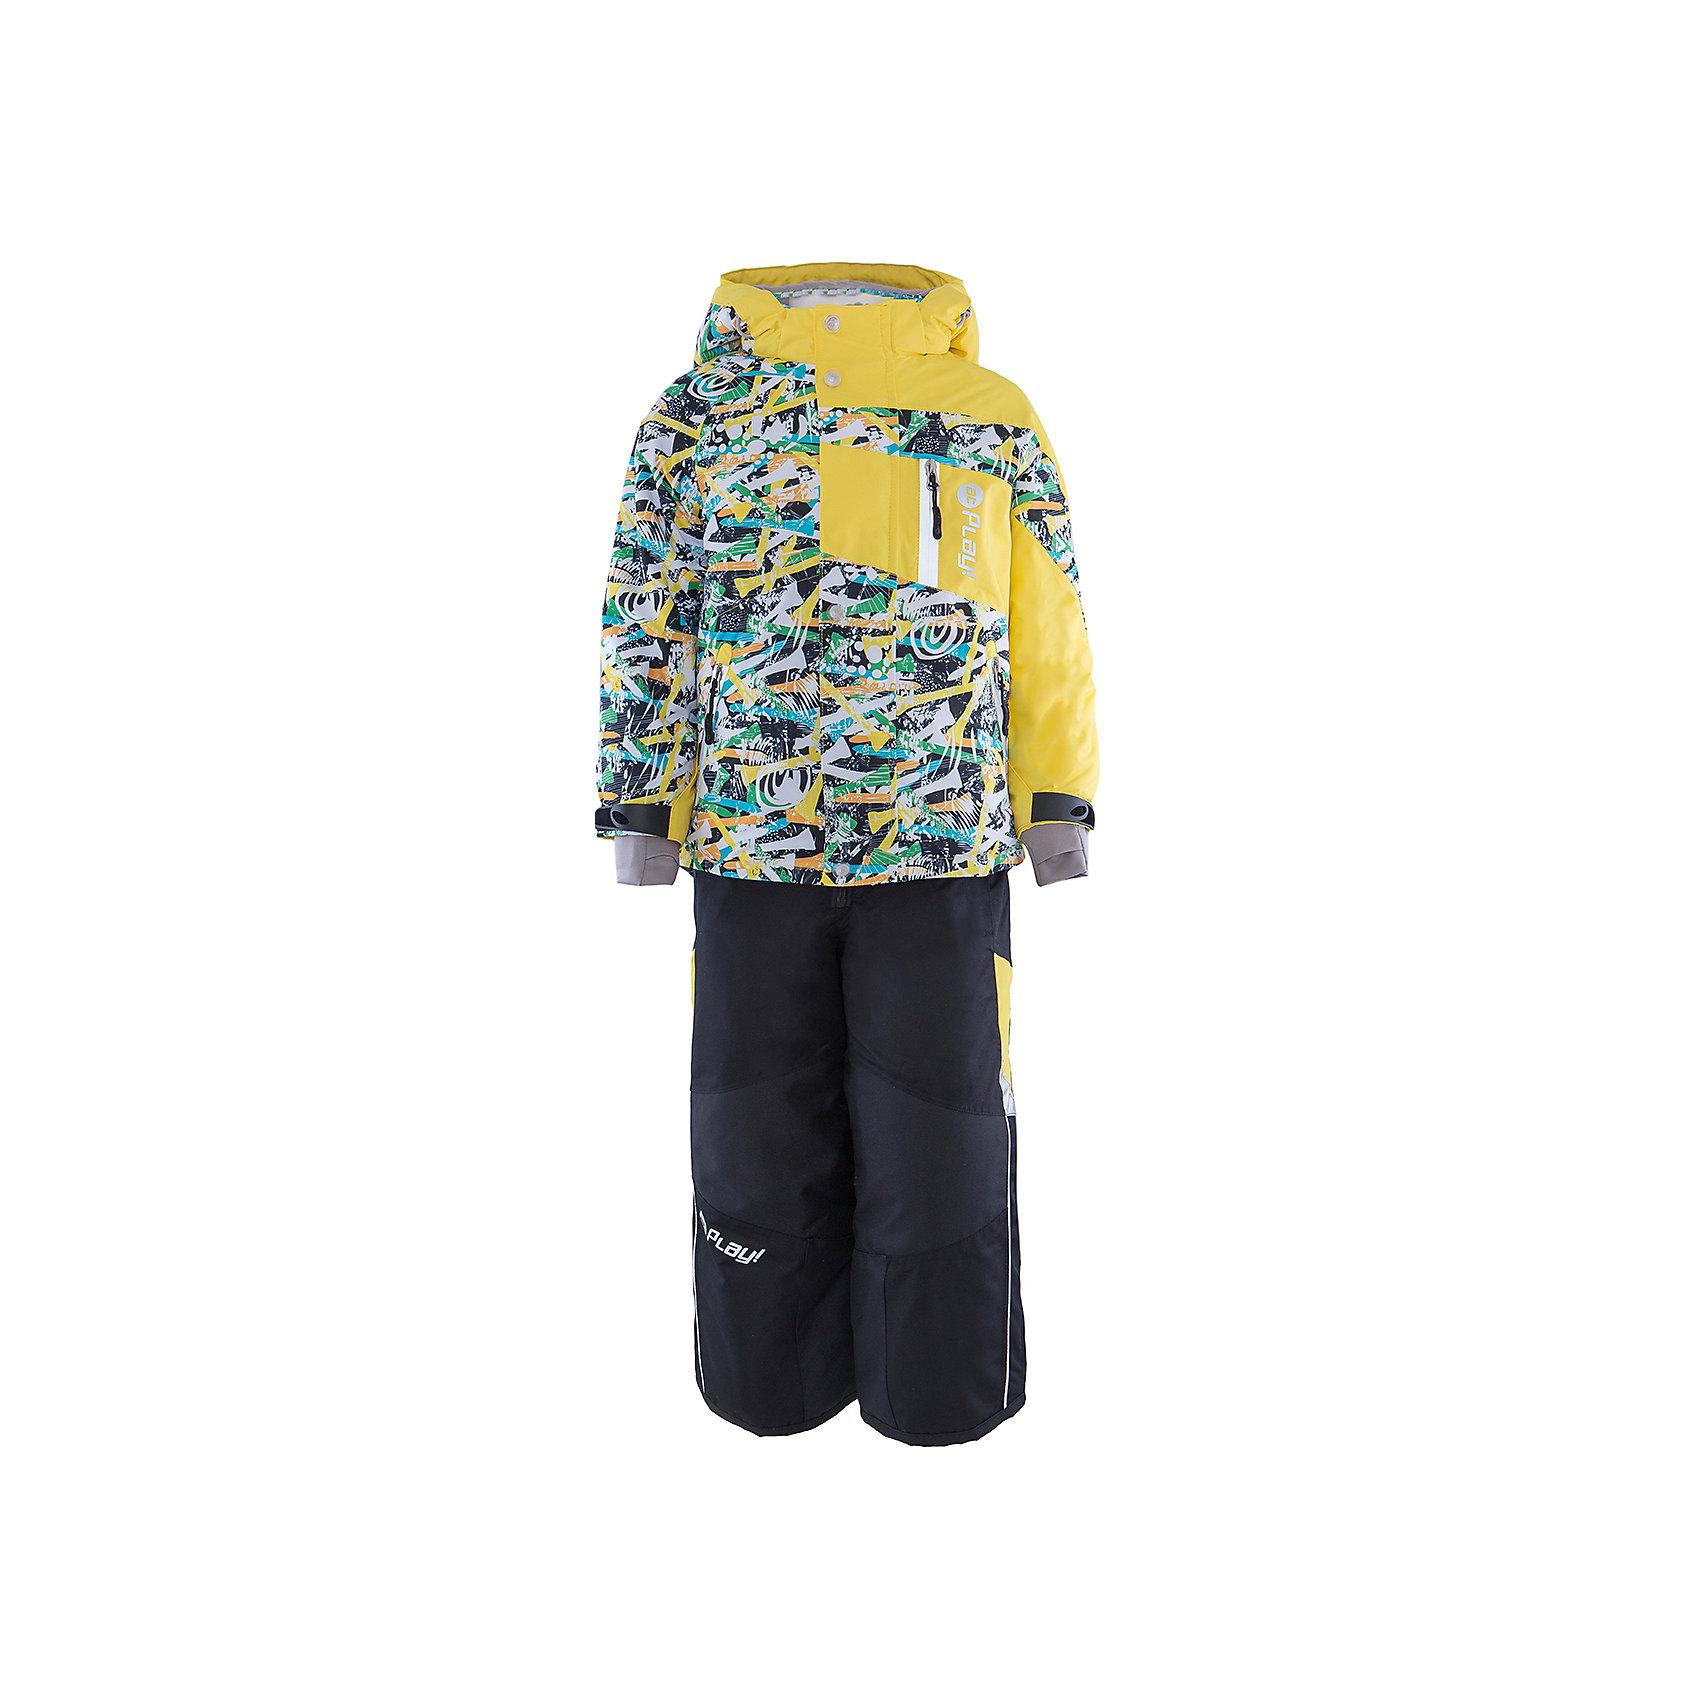 Комплект: куртка и полукомбинезон для мальчика atPlay!В холода необходимо особенно тщательно подходить к подбору одежды для ребенка. Чтобы обеспечить ему тепло, сухость и комфорт, можно выбрать этот костюм, сшитый из мембранного материала.<br>Он позволяет коже дышать, помогает выводить лишнюю влагу, при этом не позволяет ребенку замерзнуть или промокнуть. Выглядит при этом модель очень симпатично! Изделие выполнено очень качественно. Фурнитура для него подбиралась с учетом особенностей детского организма. В комплекте идет курточка и полукомбинезон.<br><br><br>Дополнительная информация:<br><br>цвет: желтый;<br>материал: полиэстер, фурнитура YKK, водо- и грязеотталкивающее покрытие Teflon, нижний комбинезон - флис;<br>утеплитель: Thinsulate 150 г;<br>температурный режим: от -25° С до +5° С;<br>мягкие элементы на капюшоне и воротнике;<br>паропроницаемость: 10000 г / м.куб. / 24 ч;<br>водонепроницаемость: 10000 мм / 24 ч;<br>швы проклеены;<br>капюшон регулируется.<br><br>Костюм для мальчика от бренда atPlay! можно приобрести в нашем интернет-магазине.<br><br>Ширина мм: 356<br>Глубина мм: 10<br>Высота мм: 245<br>Вес г: 519<br>Цвет: желтый<br>Возраст от месяцев: 36<br>Возраст до месяцев: 48<br>Пол: Мужской<br>Возраст: Детский<br>Размер: 104,128,122,110<br>SKU: 4973810